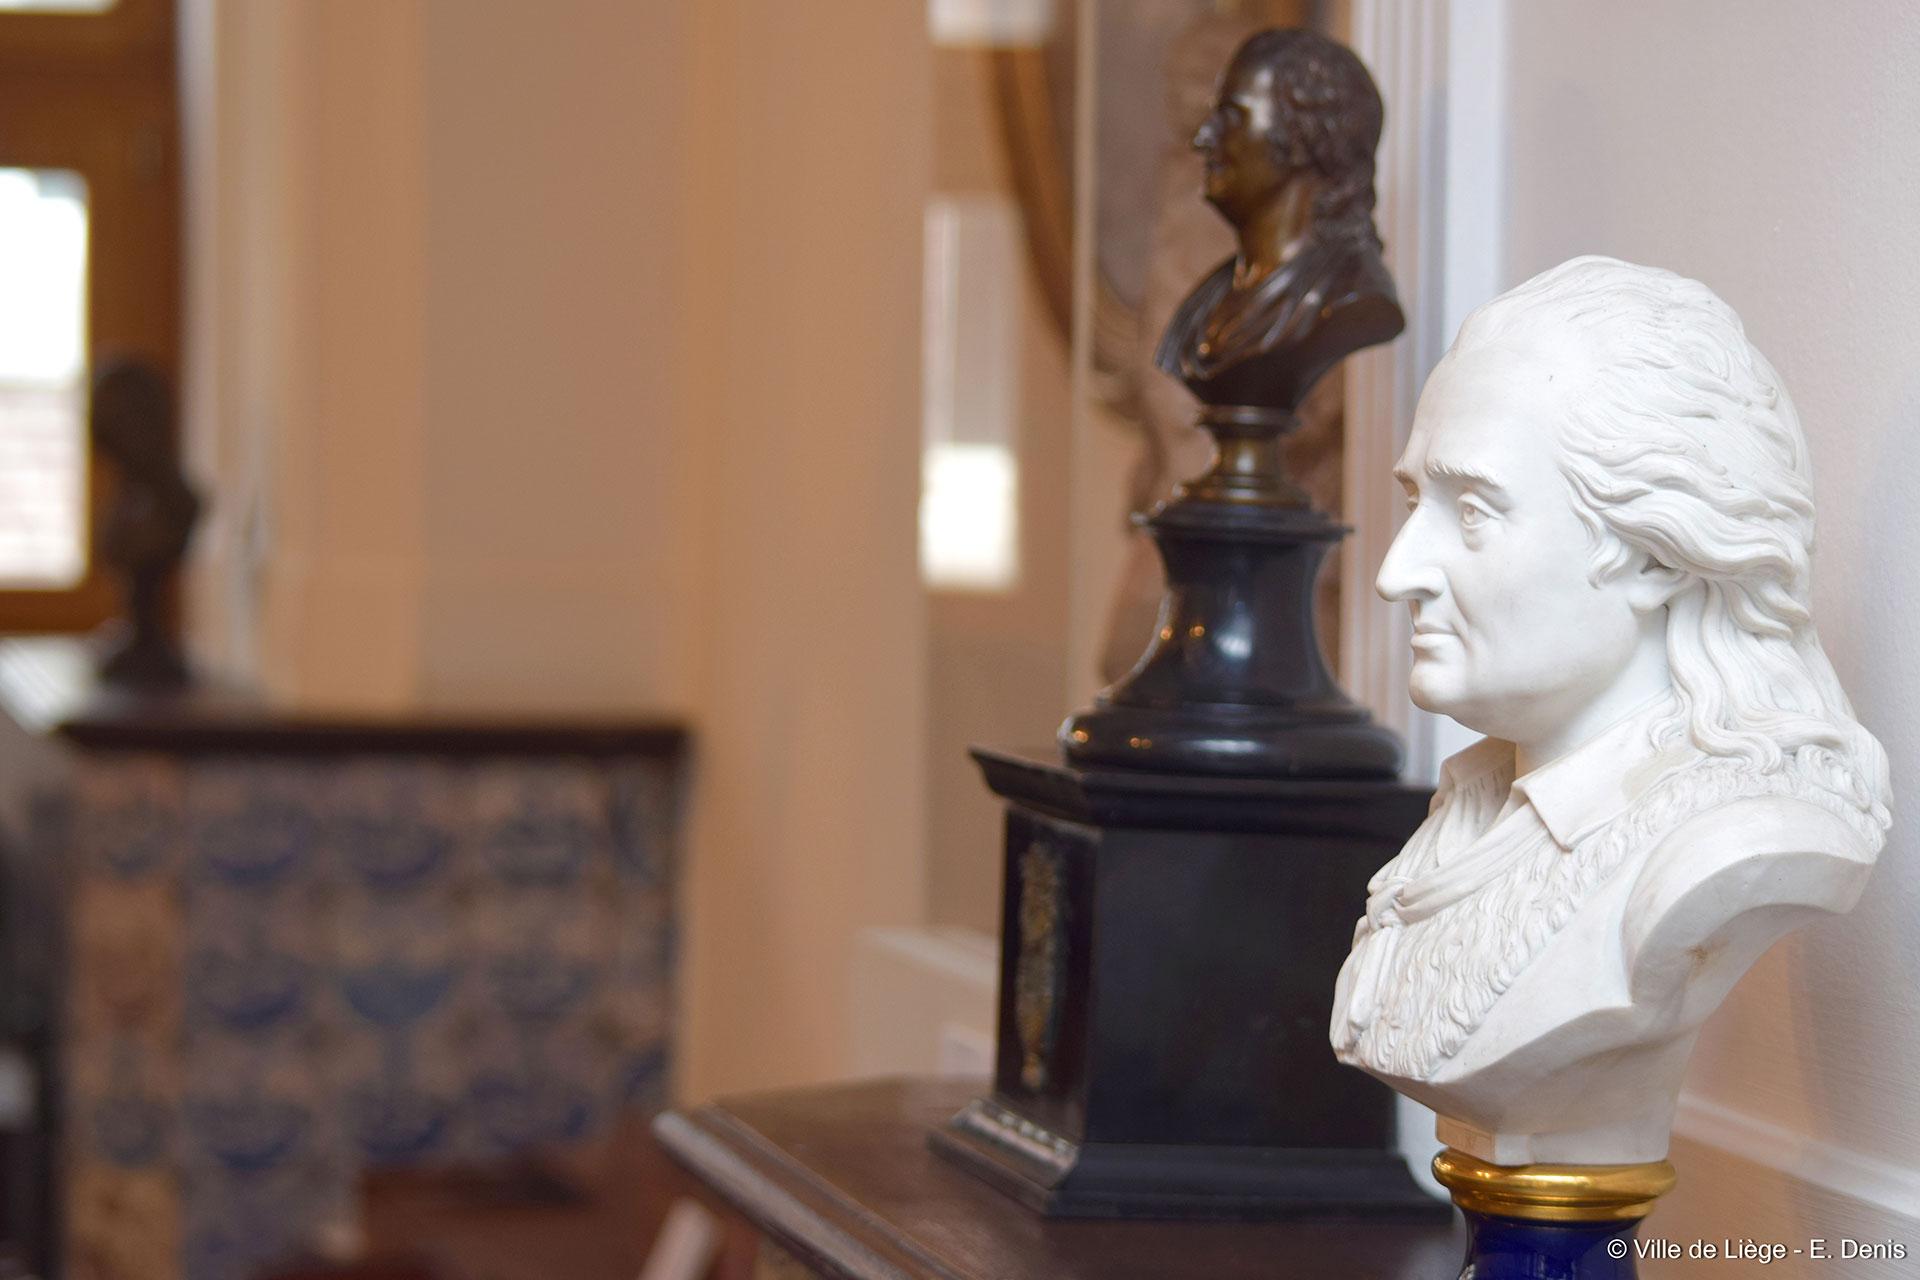 Maison natale de Grétry - Peintures - miniatures - sculptures - gravures - objets personnels - témoignages - musicien